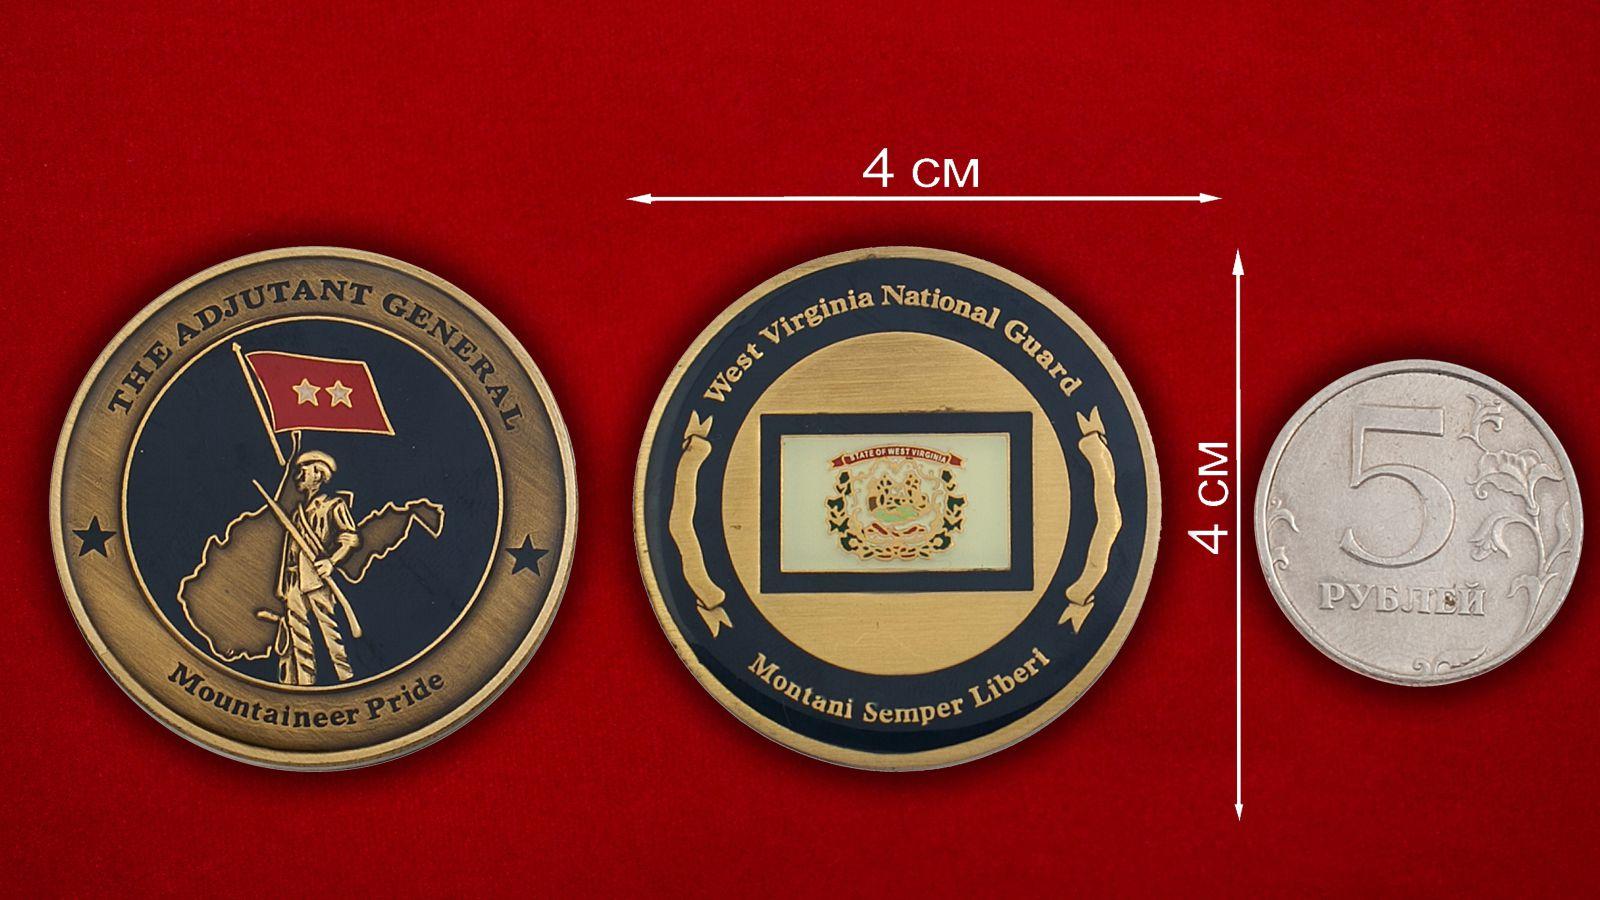 Челлендж коин Национальной гвардии США, штат Виргиния - сравнительный размер